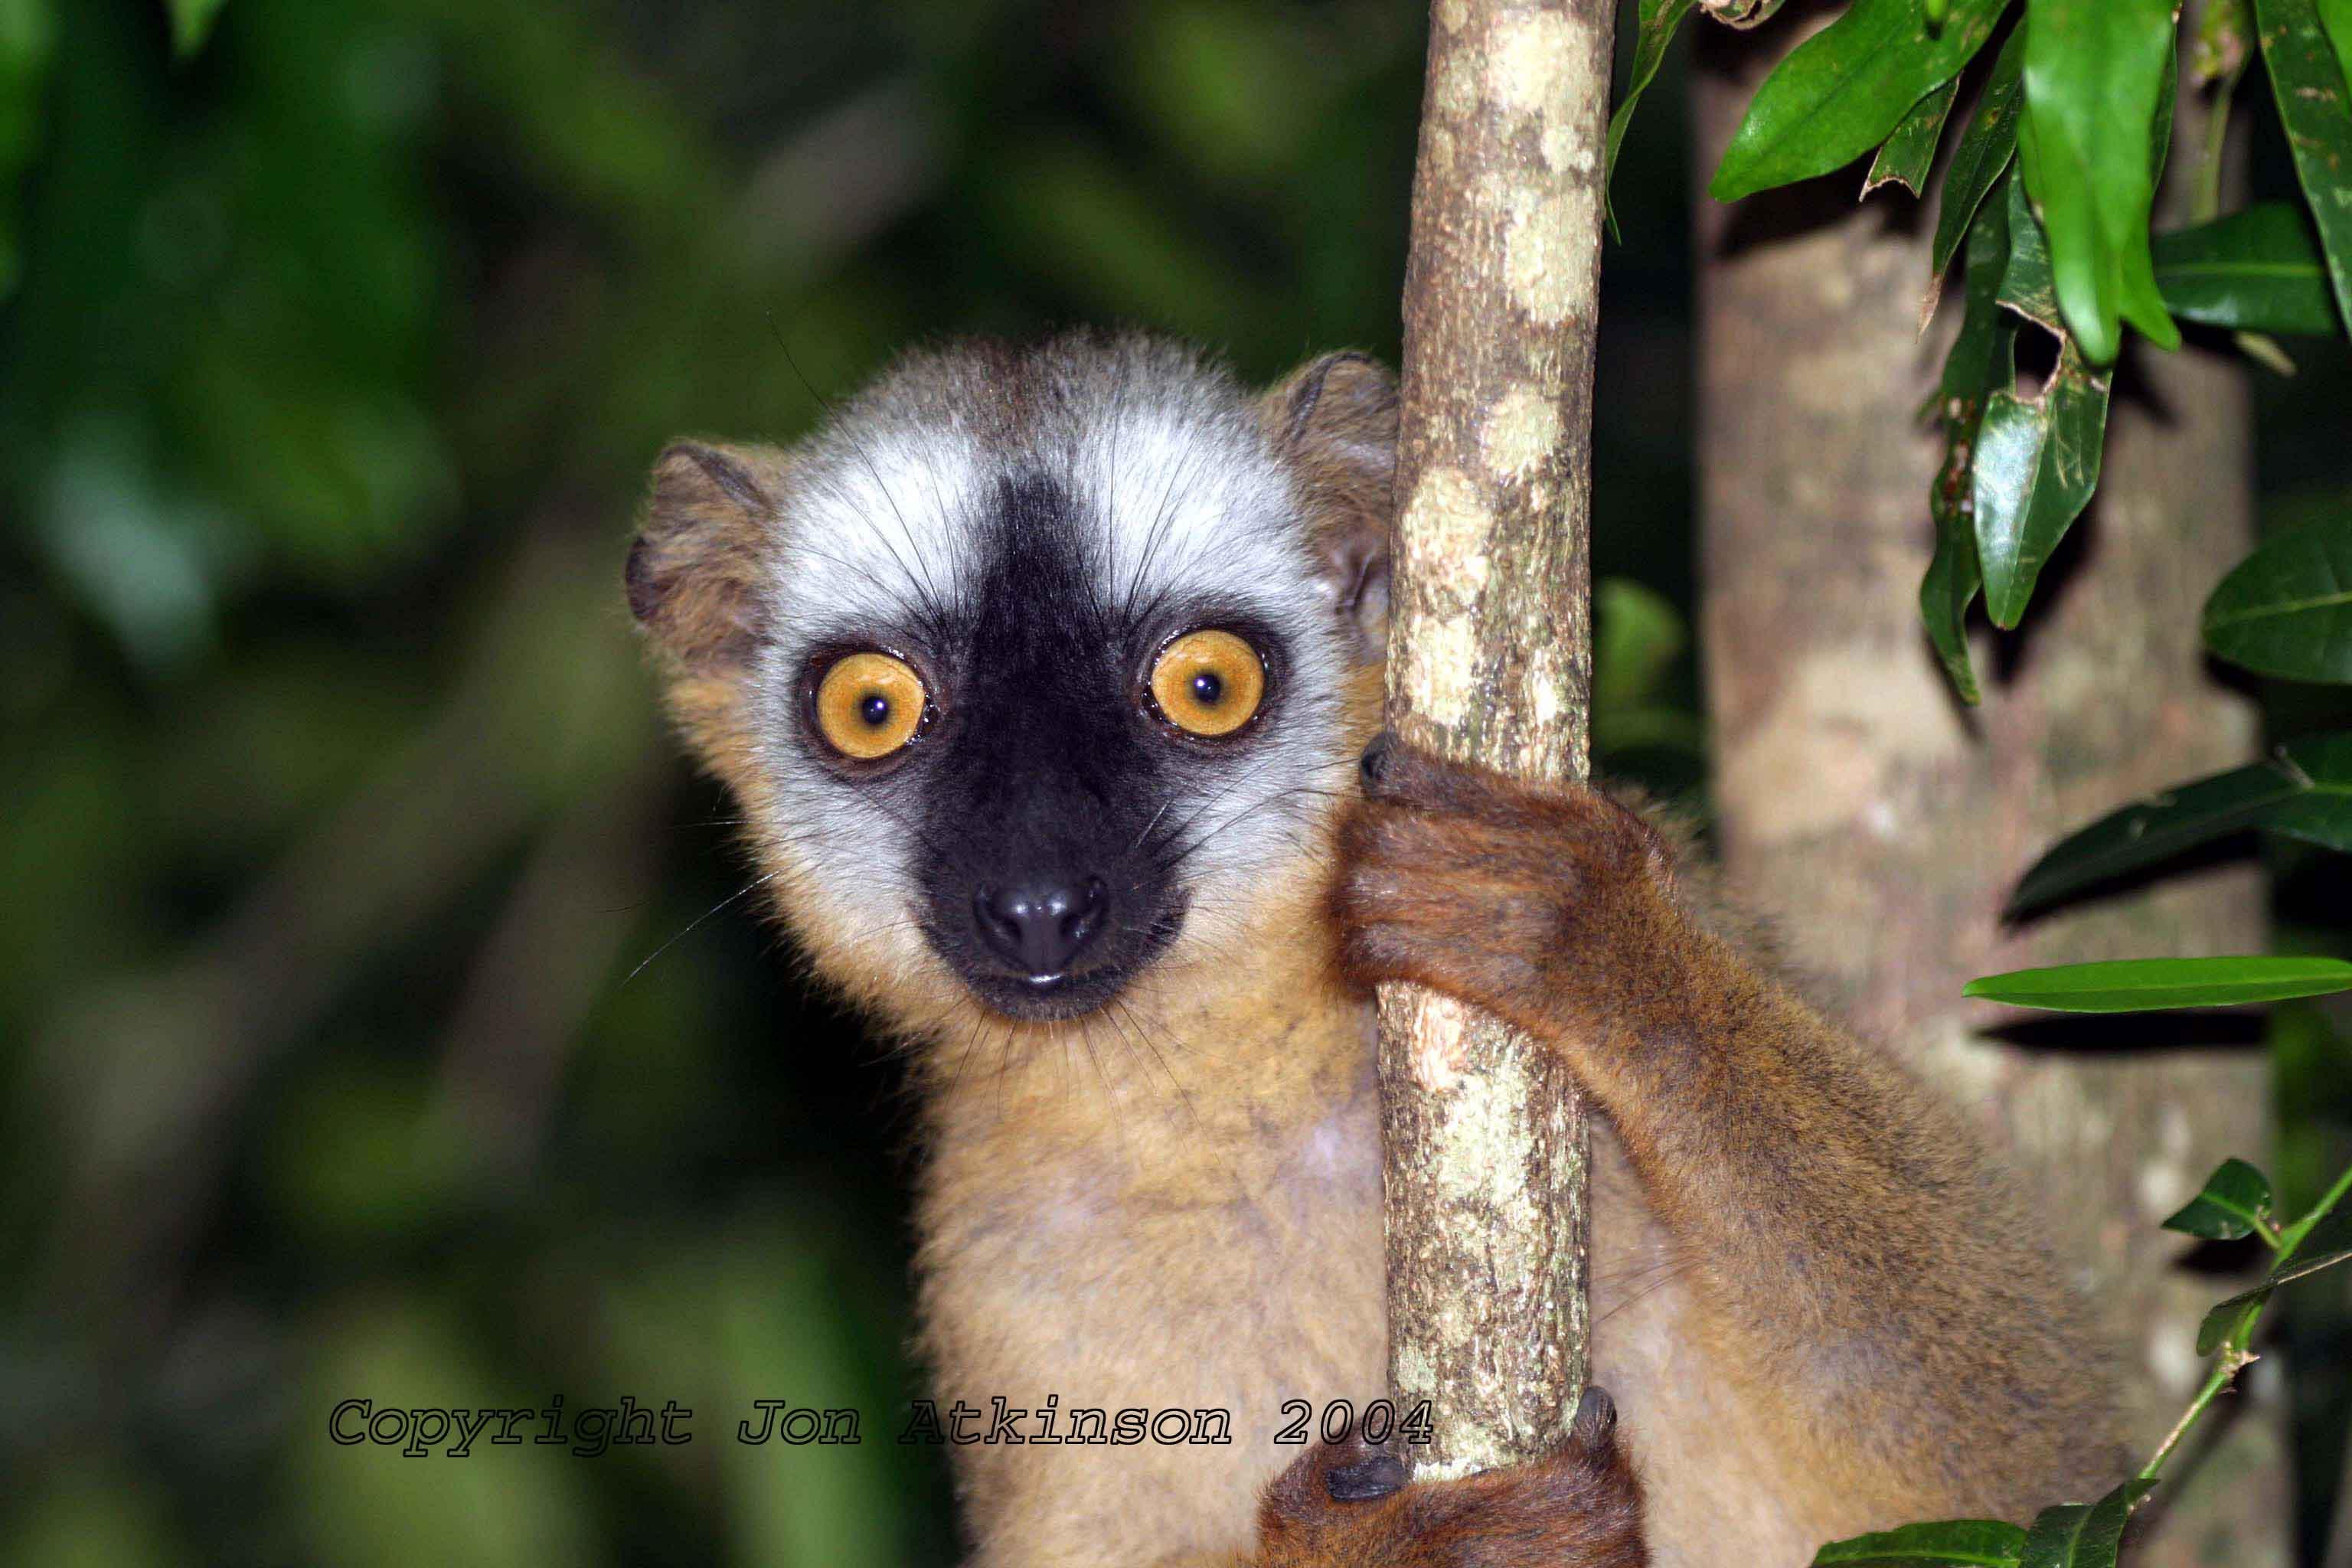 la_red_fronted_brown_lemur.jpg